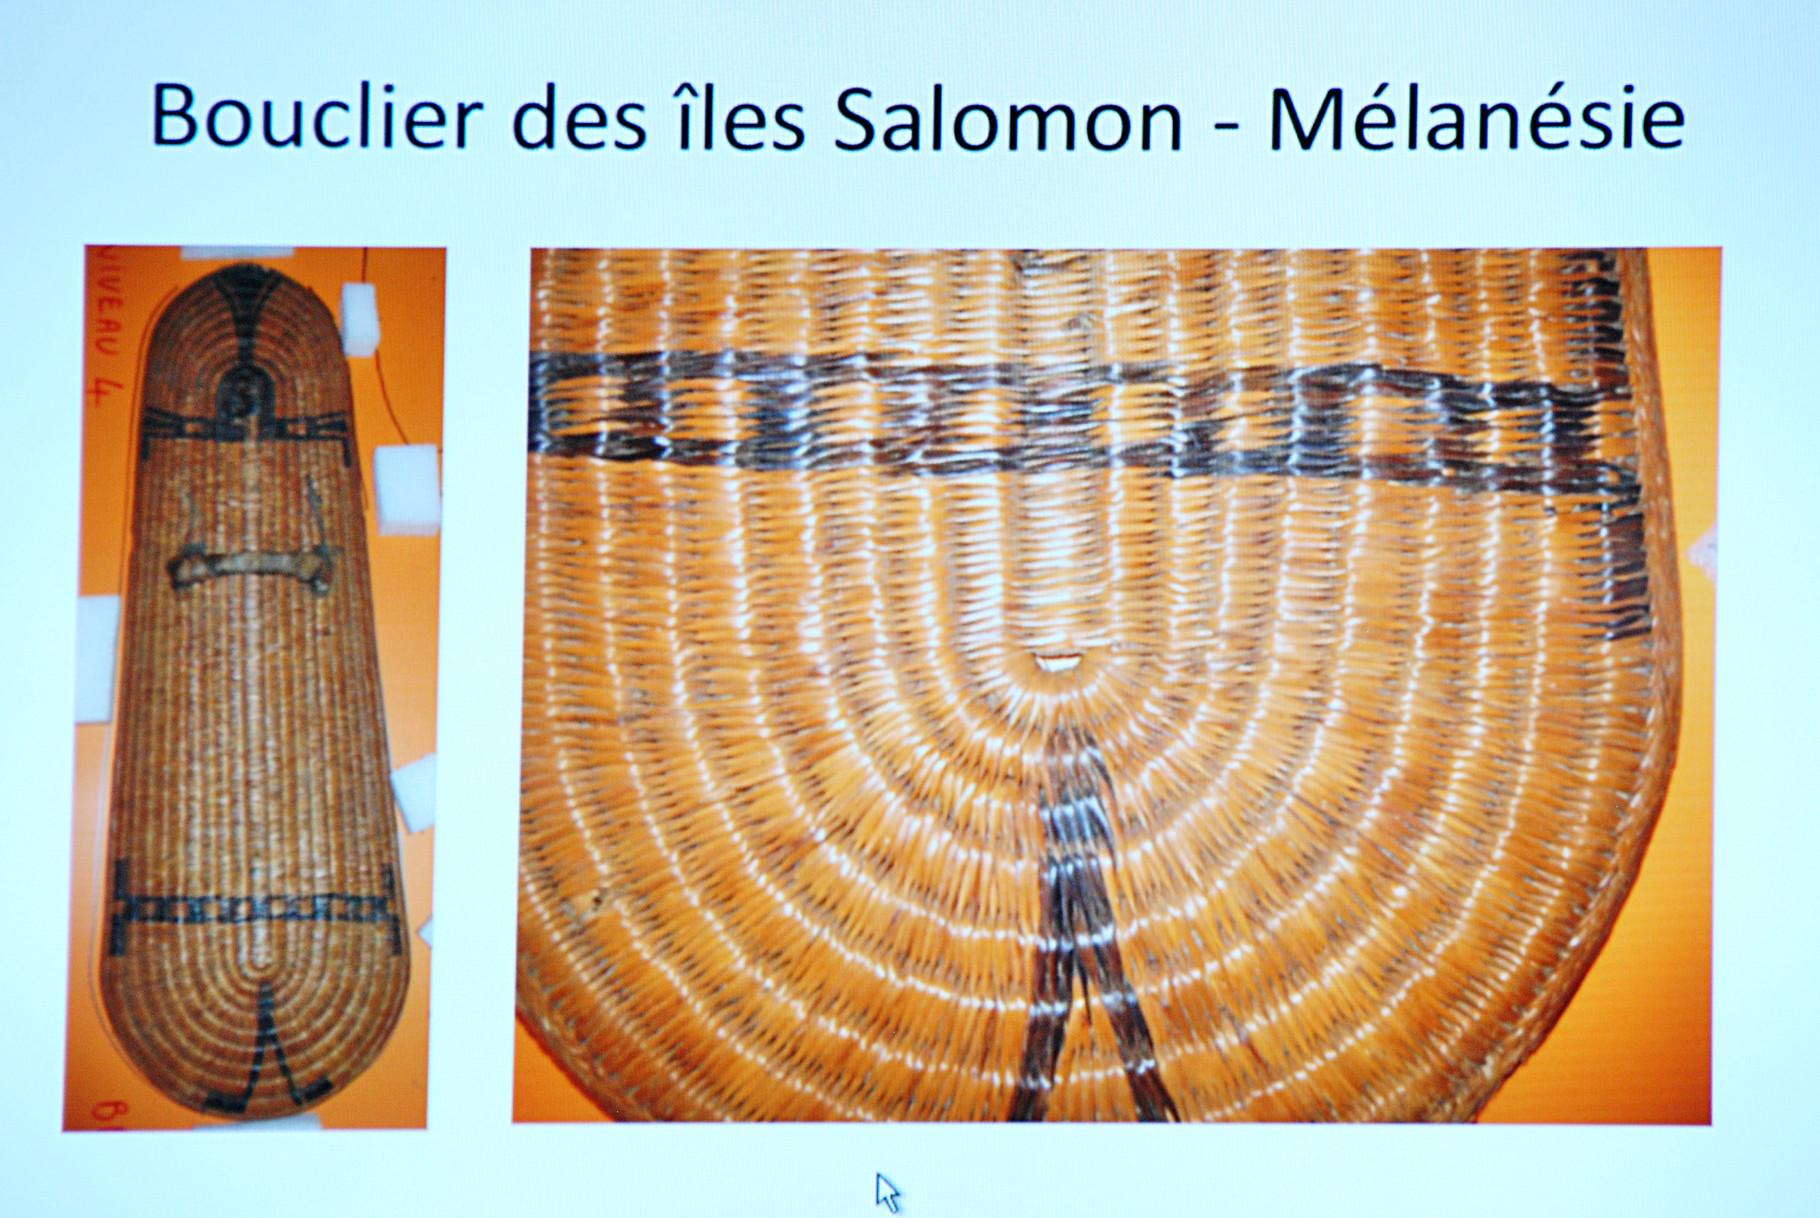 Panoplie océanienne, panneau de présentation, Musée Boucher-de-Perthes, Abbeville / Photo Y. François